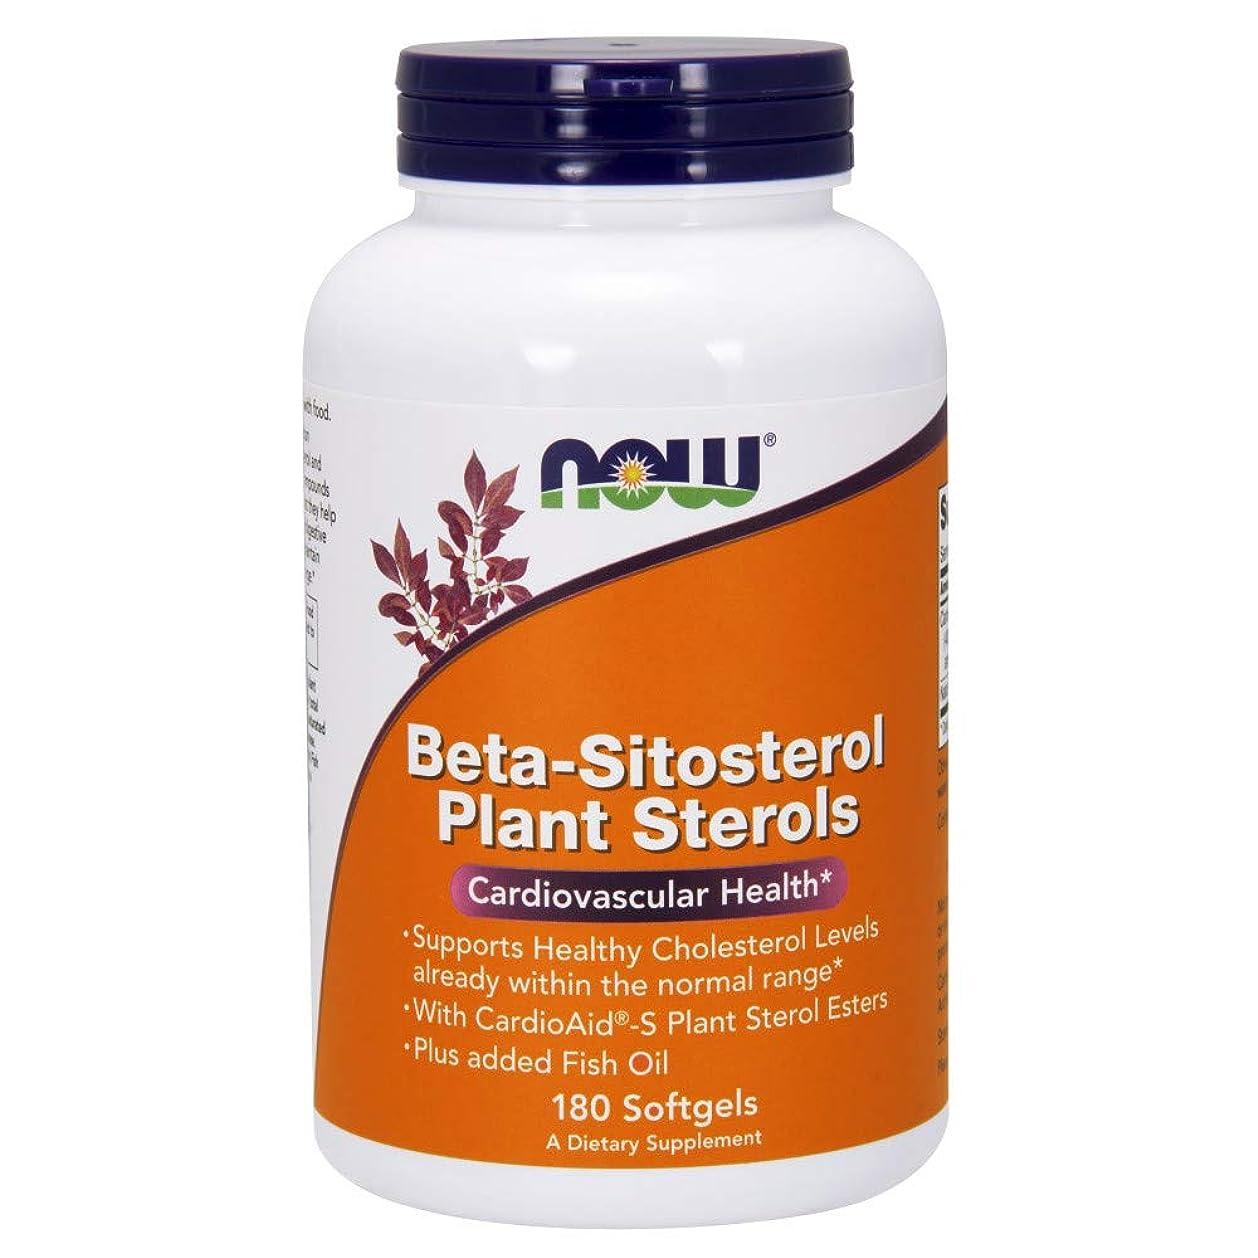 欠陥結論サーキットに行く海外直送品 Now Foods Beta-Sitosterol Plant Sterols, 180 SOFTGELS